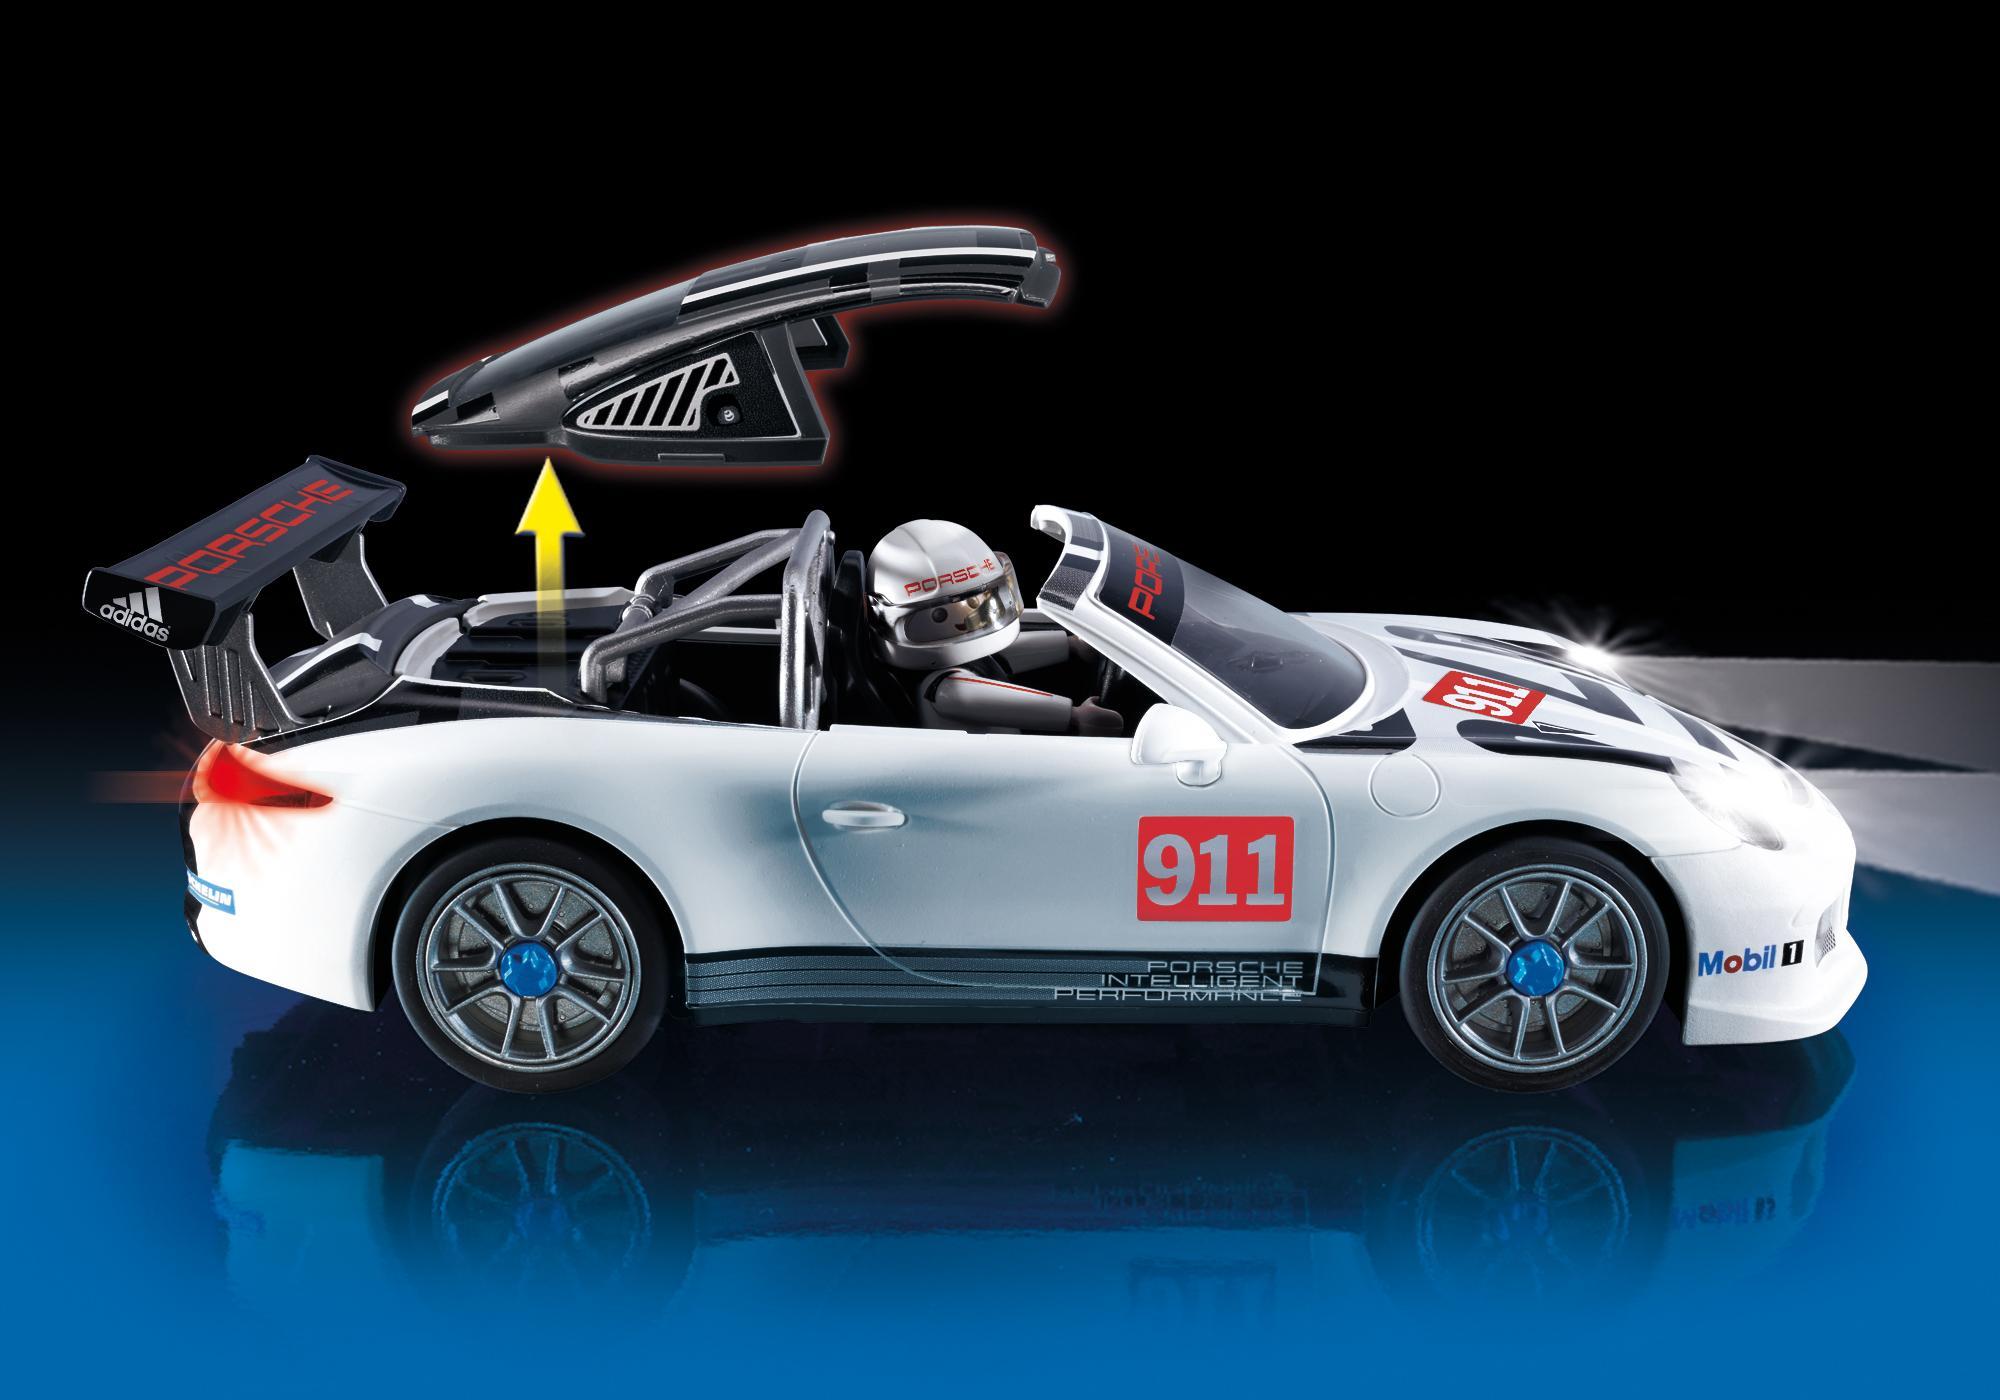 http://media.playmobil.com/i/playmobil/9225_product_extra1/PORSCHE 911 GT3